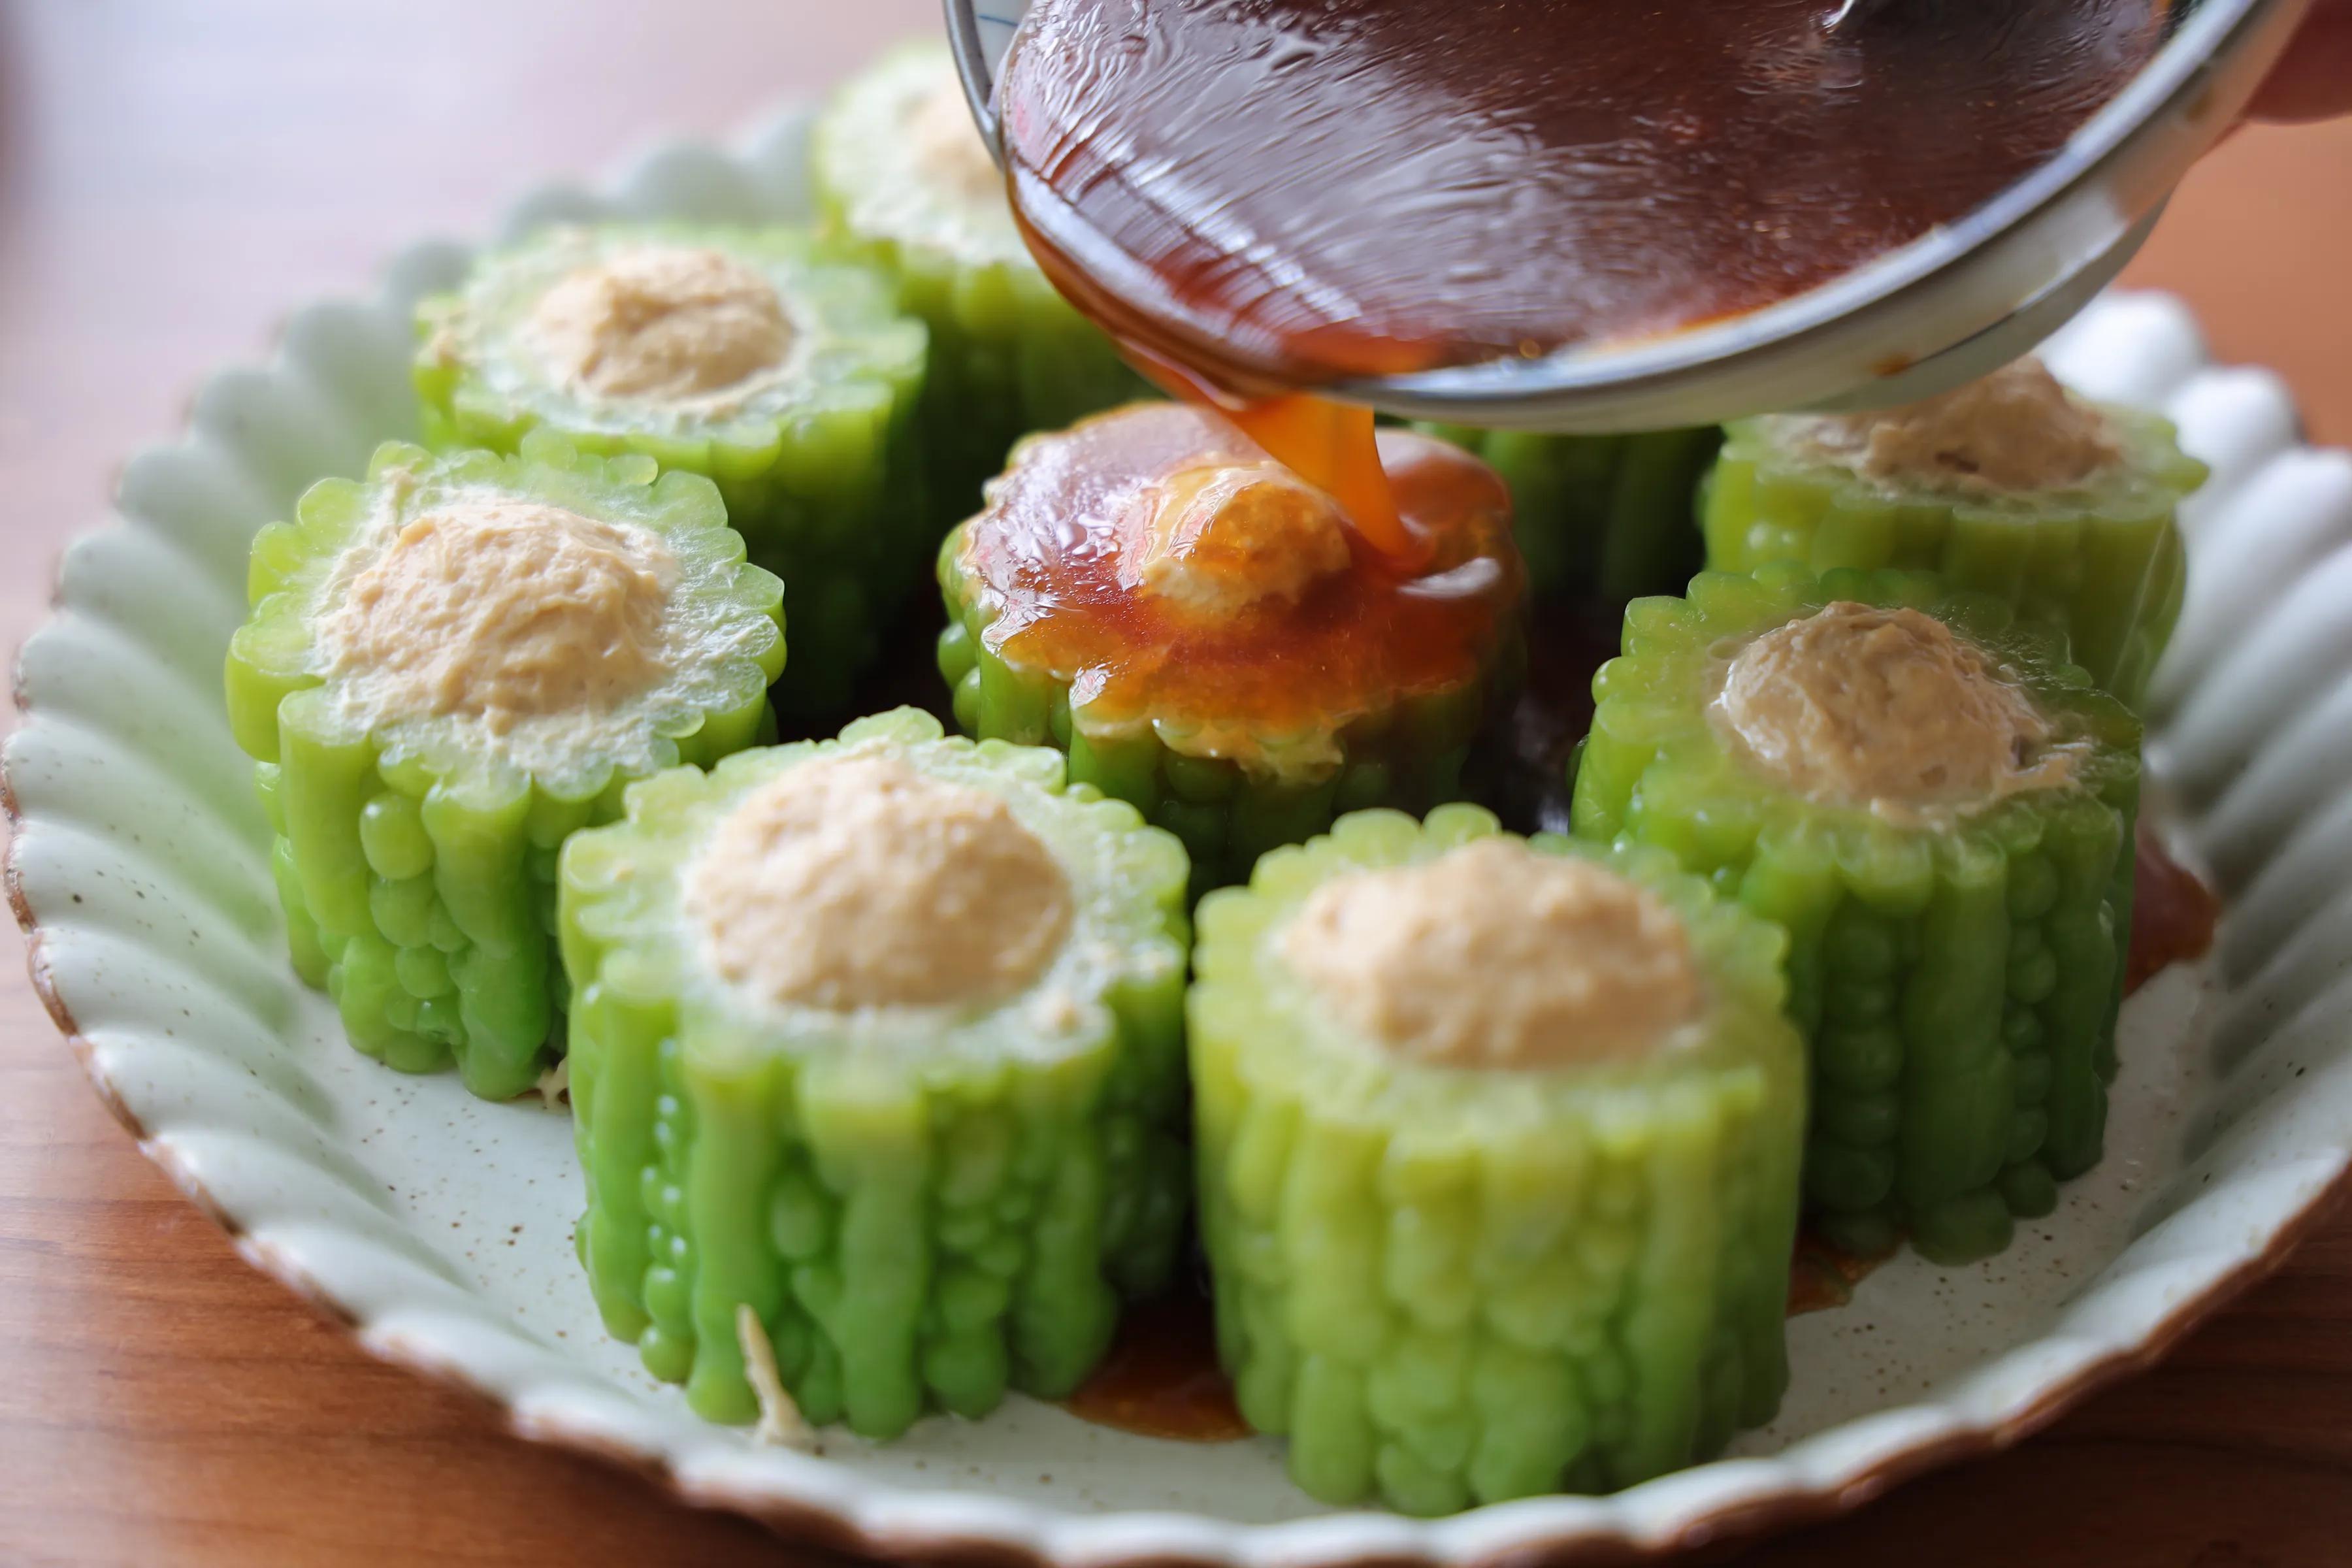 春天易上火,可以多吃这样的蒸菜,清热去火,低油低脂,超级鲜美 食疗养生 第8张